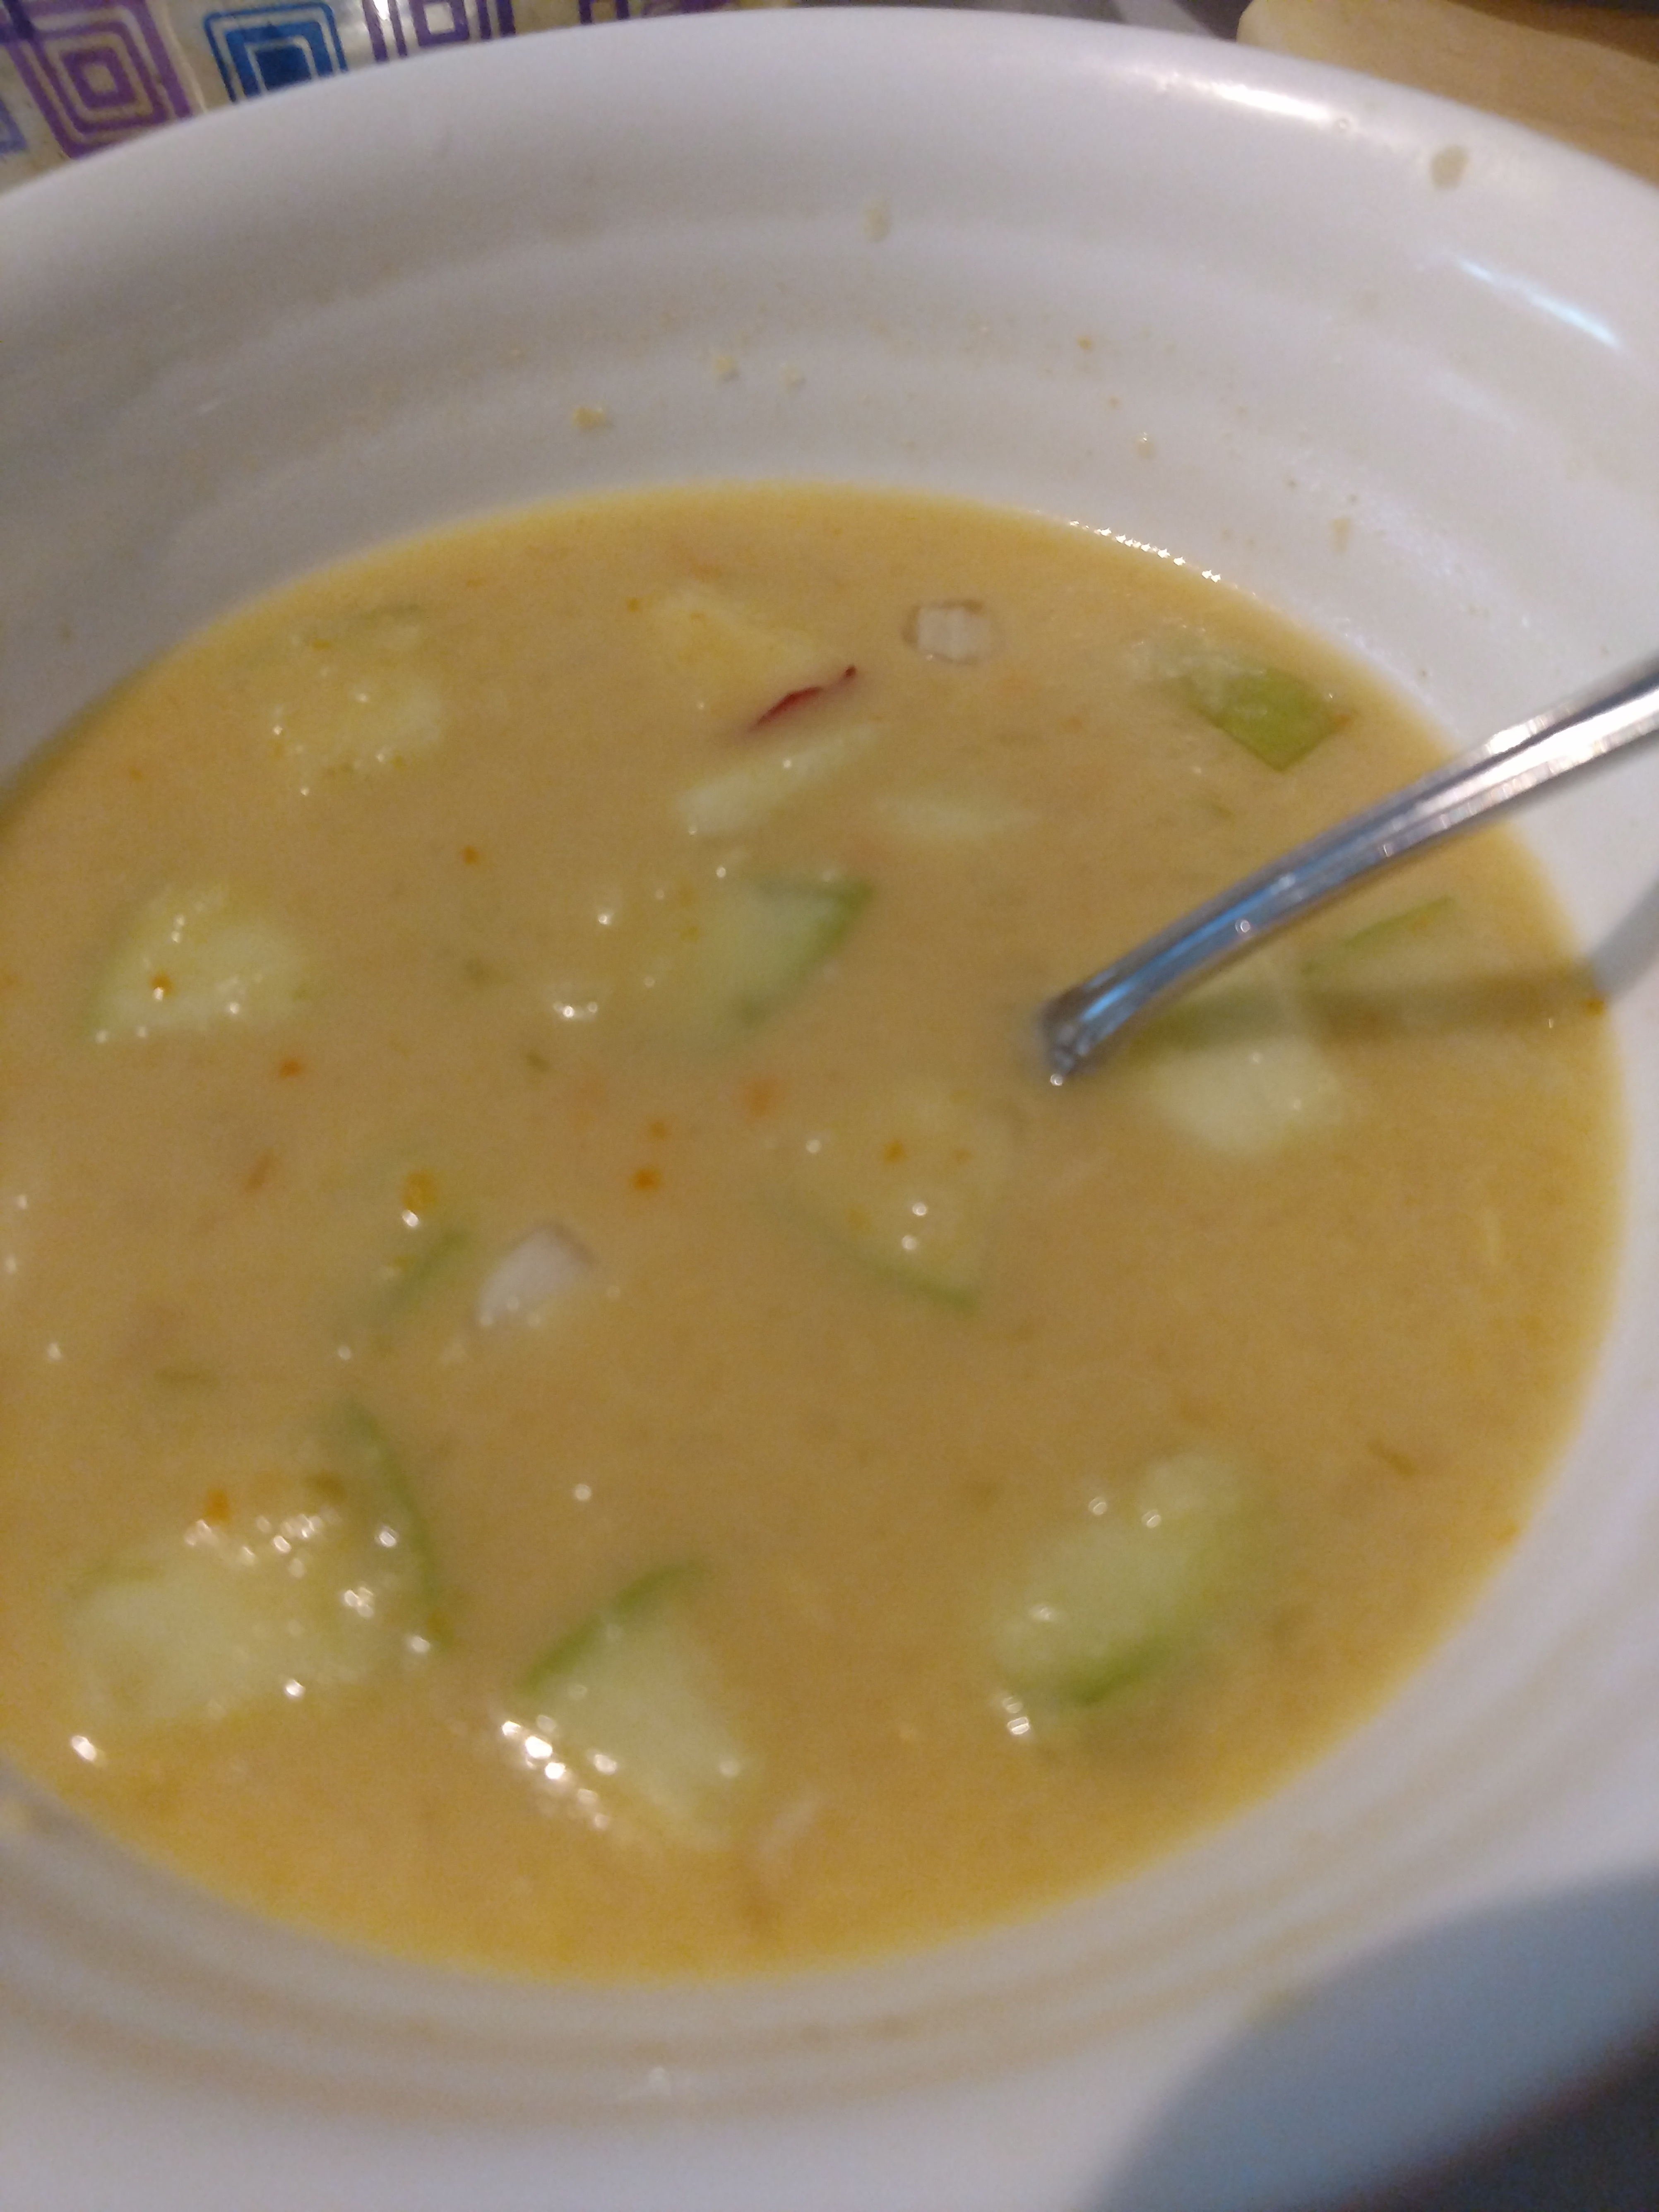 Cheddar Apple Soup Chris D. Williams